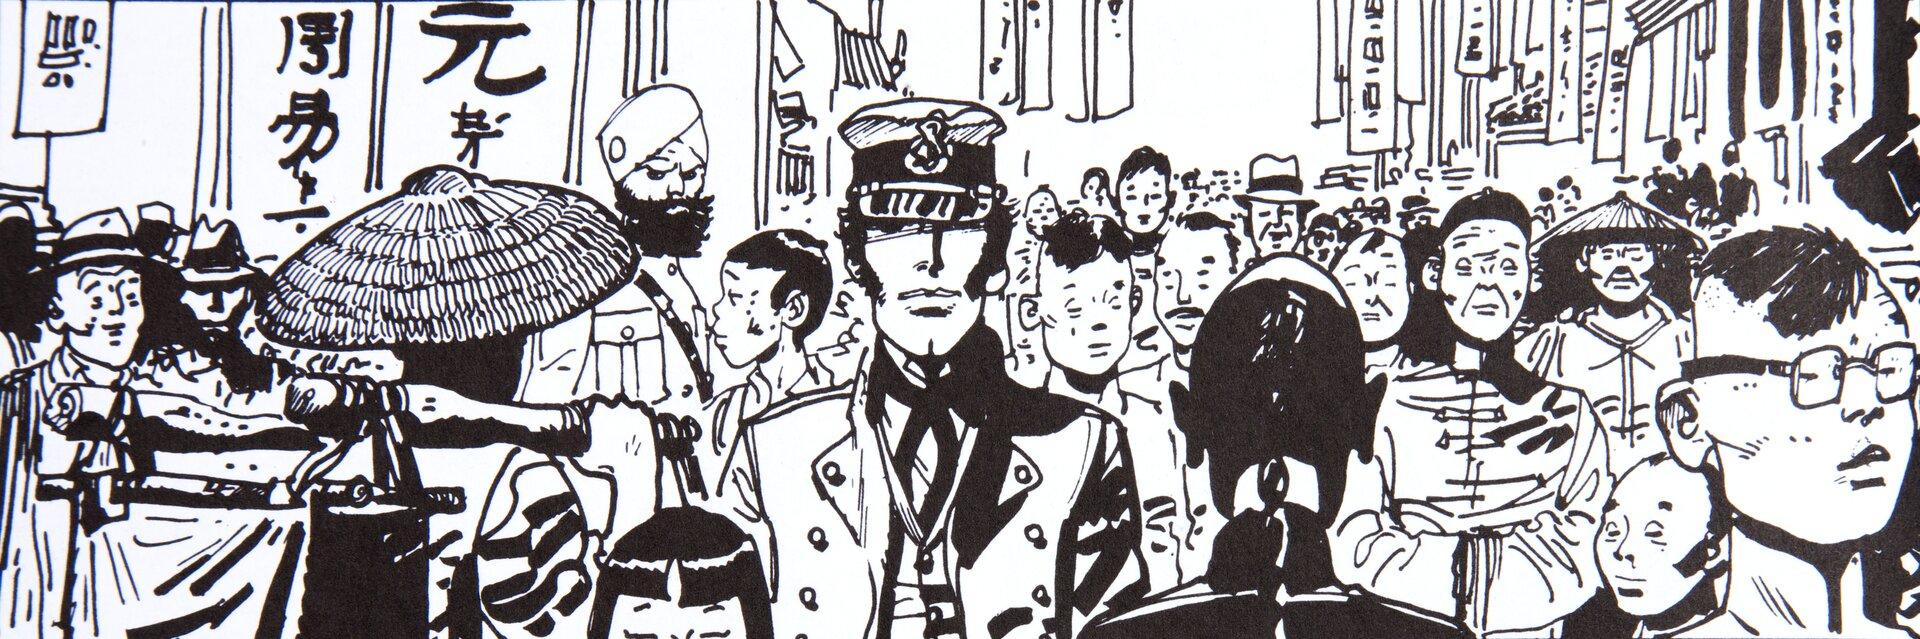 """Ilustracja przedstawia scenę zkomiksu Hugo Pratta """"Corto Maltese. Na Syberii"""". Na czarno – białym rysunku widać ludzi idących zatłoczoną ulicą. Wtłumie można odnaleźć ludzi różnej narodowości irasy – białych, żółtych, ubranych wstroje europejskie, azjatyckie. Najprawdopodobniej jest to Hong Kong. Na pierwszym planie widzimy mężczyznę, głównego bohatera - Corto Maltese."""